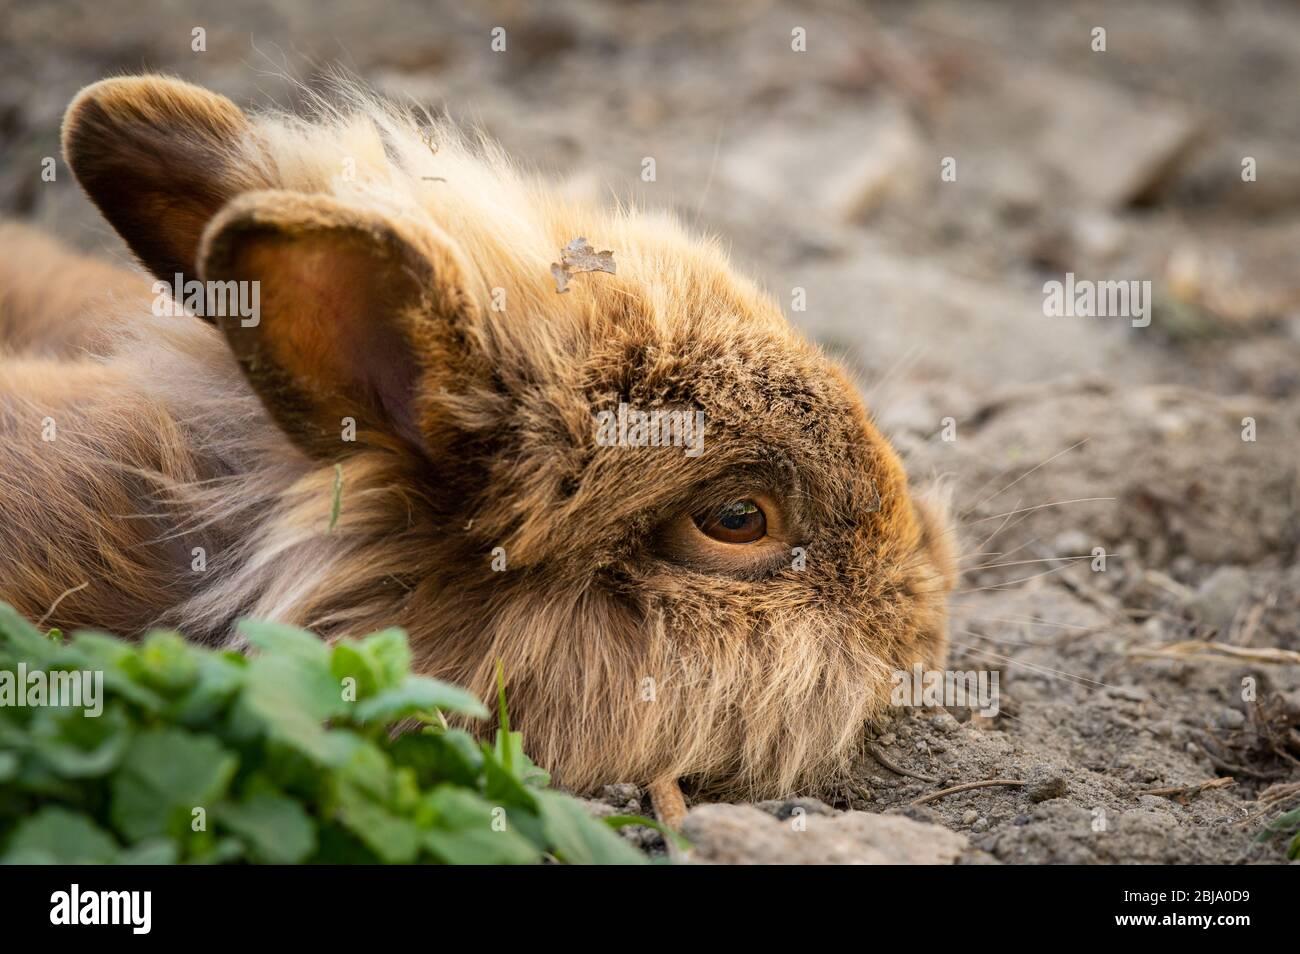 Un joli lapin nain brun (tête d'lions) reposant sur le sol dans le jardin Banque D'Images